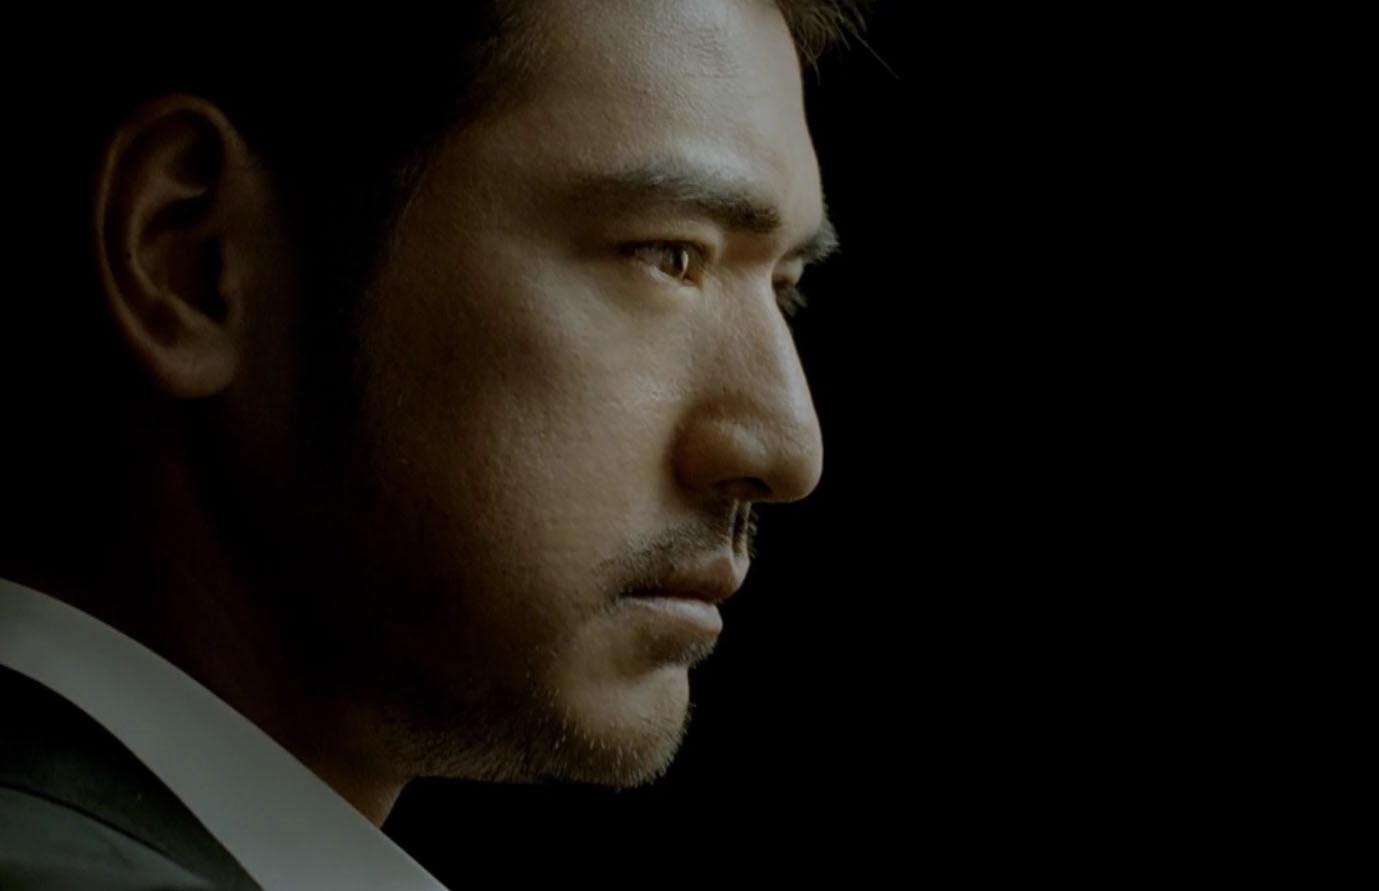 Panasonic Challenge Takeshi Kaneshiro 誰來挑戰金城武